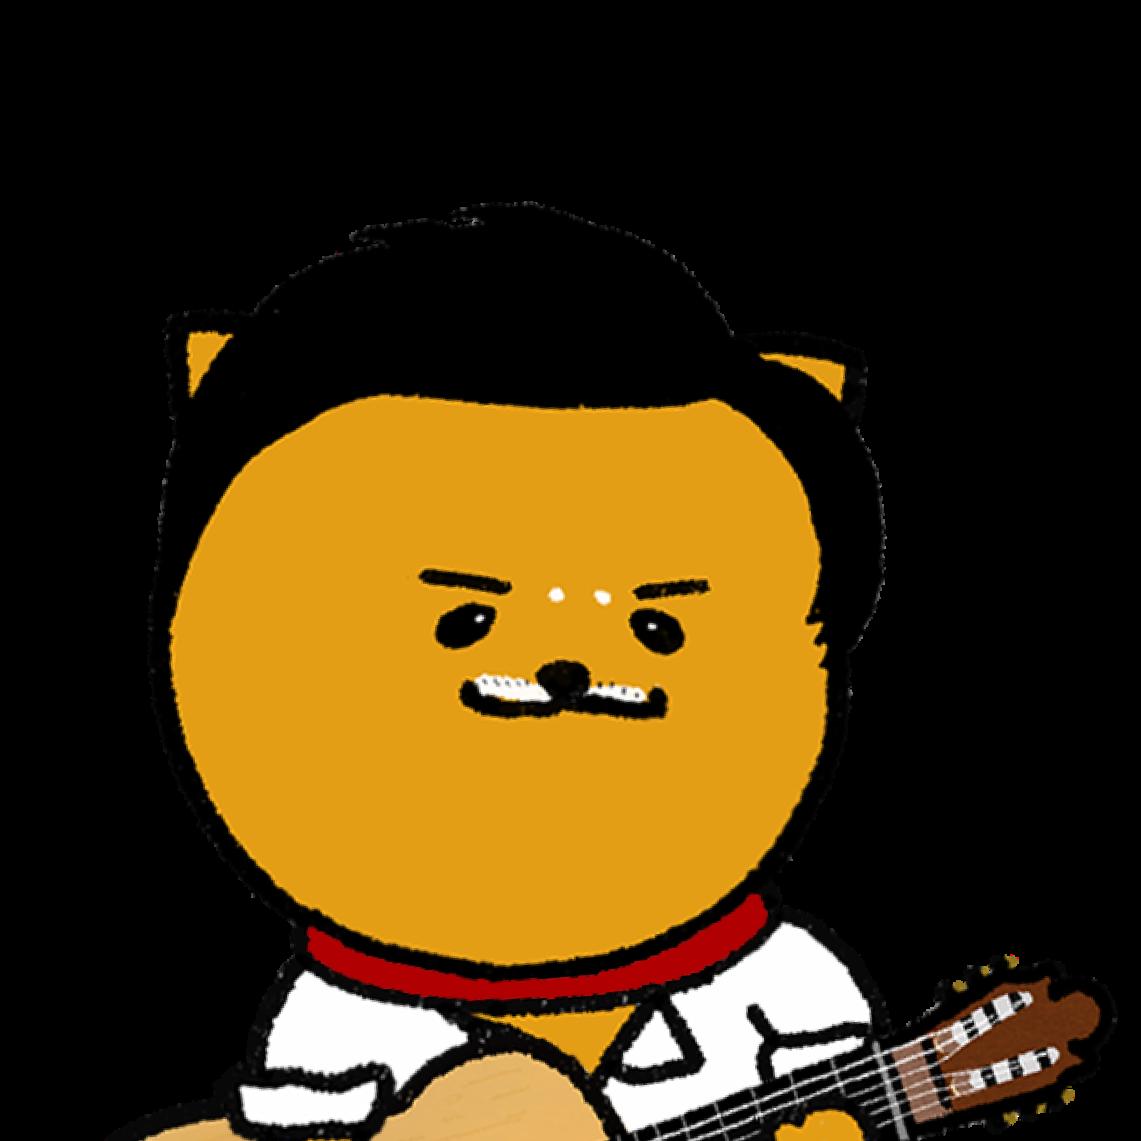 [ギター]大萩康司さん